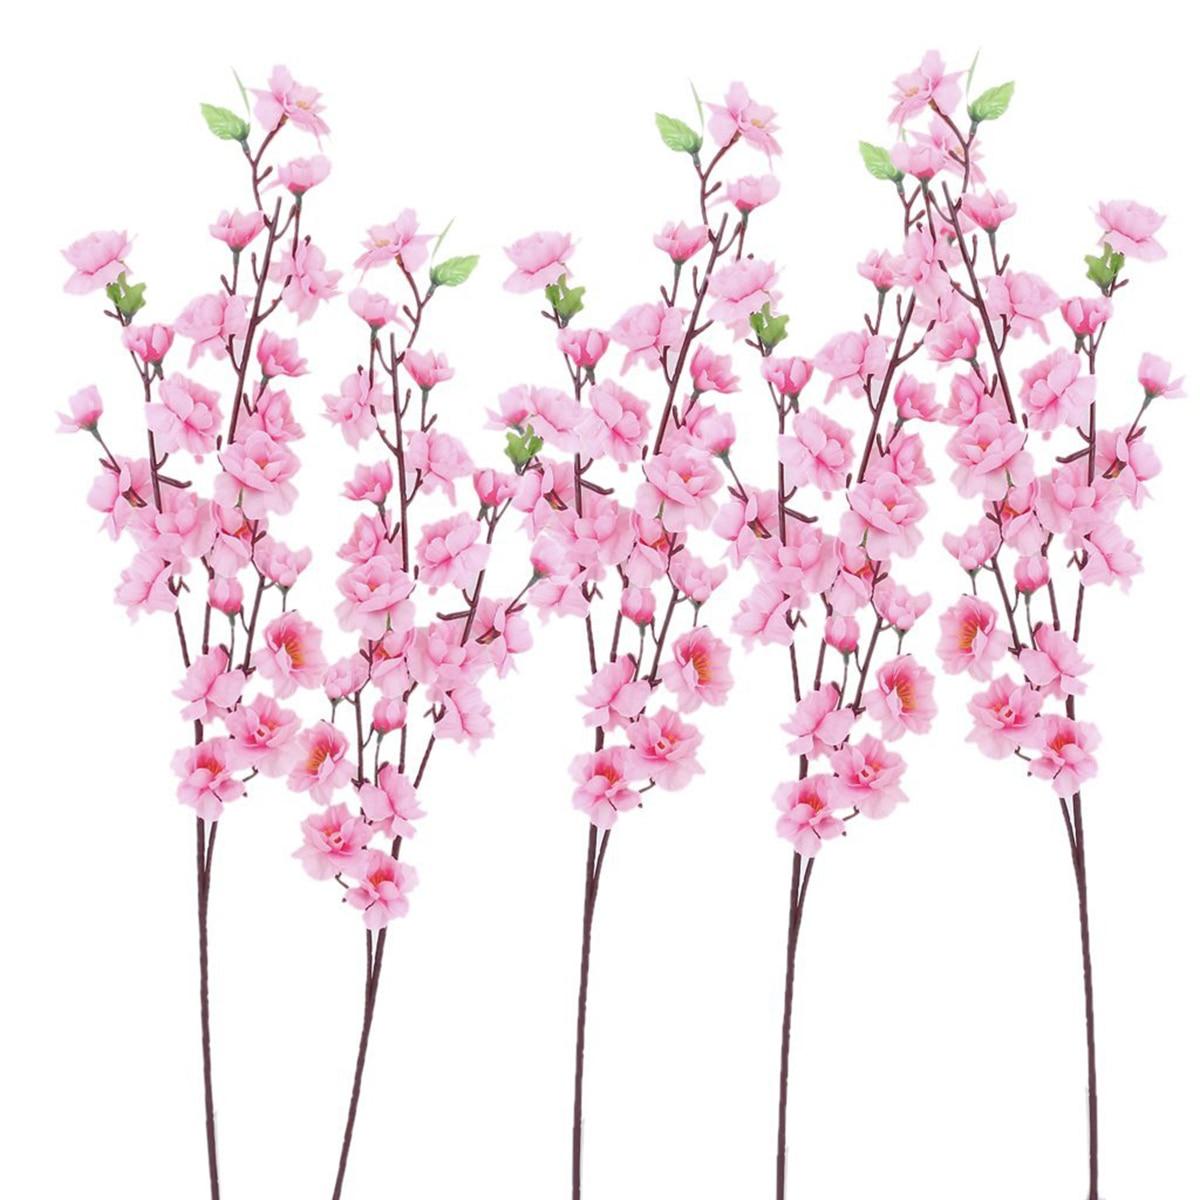 6шт Персиковый цветок Моделирование - Товары для праздников и вечеринок